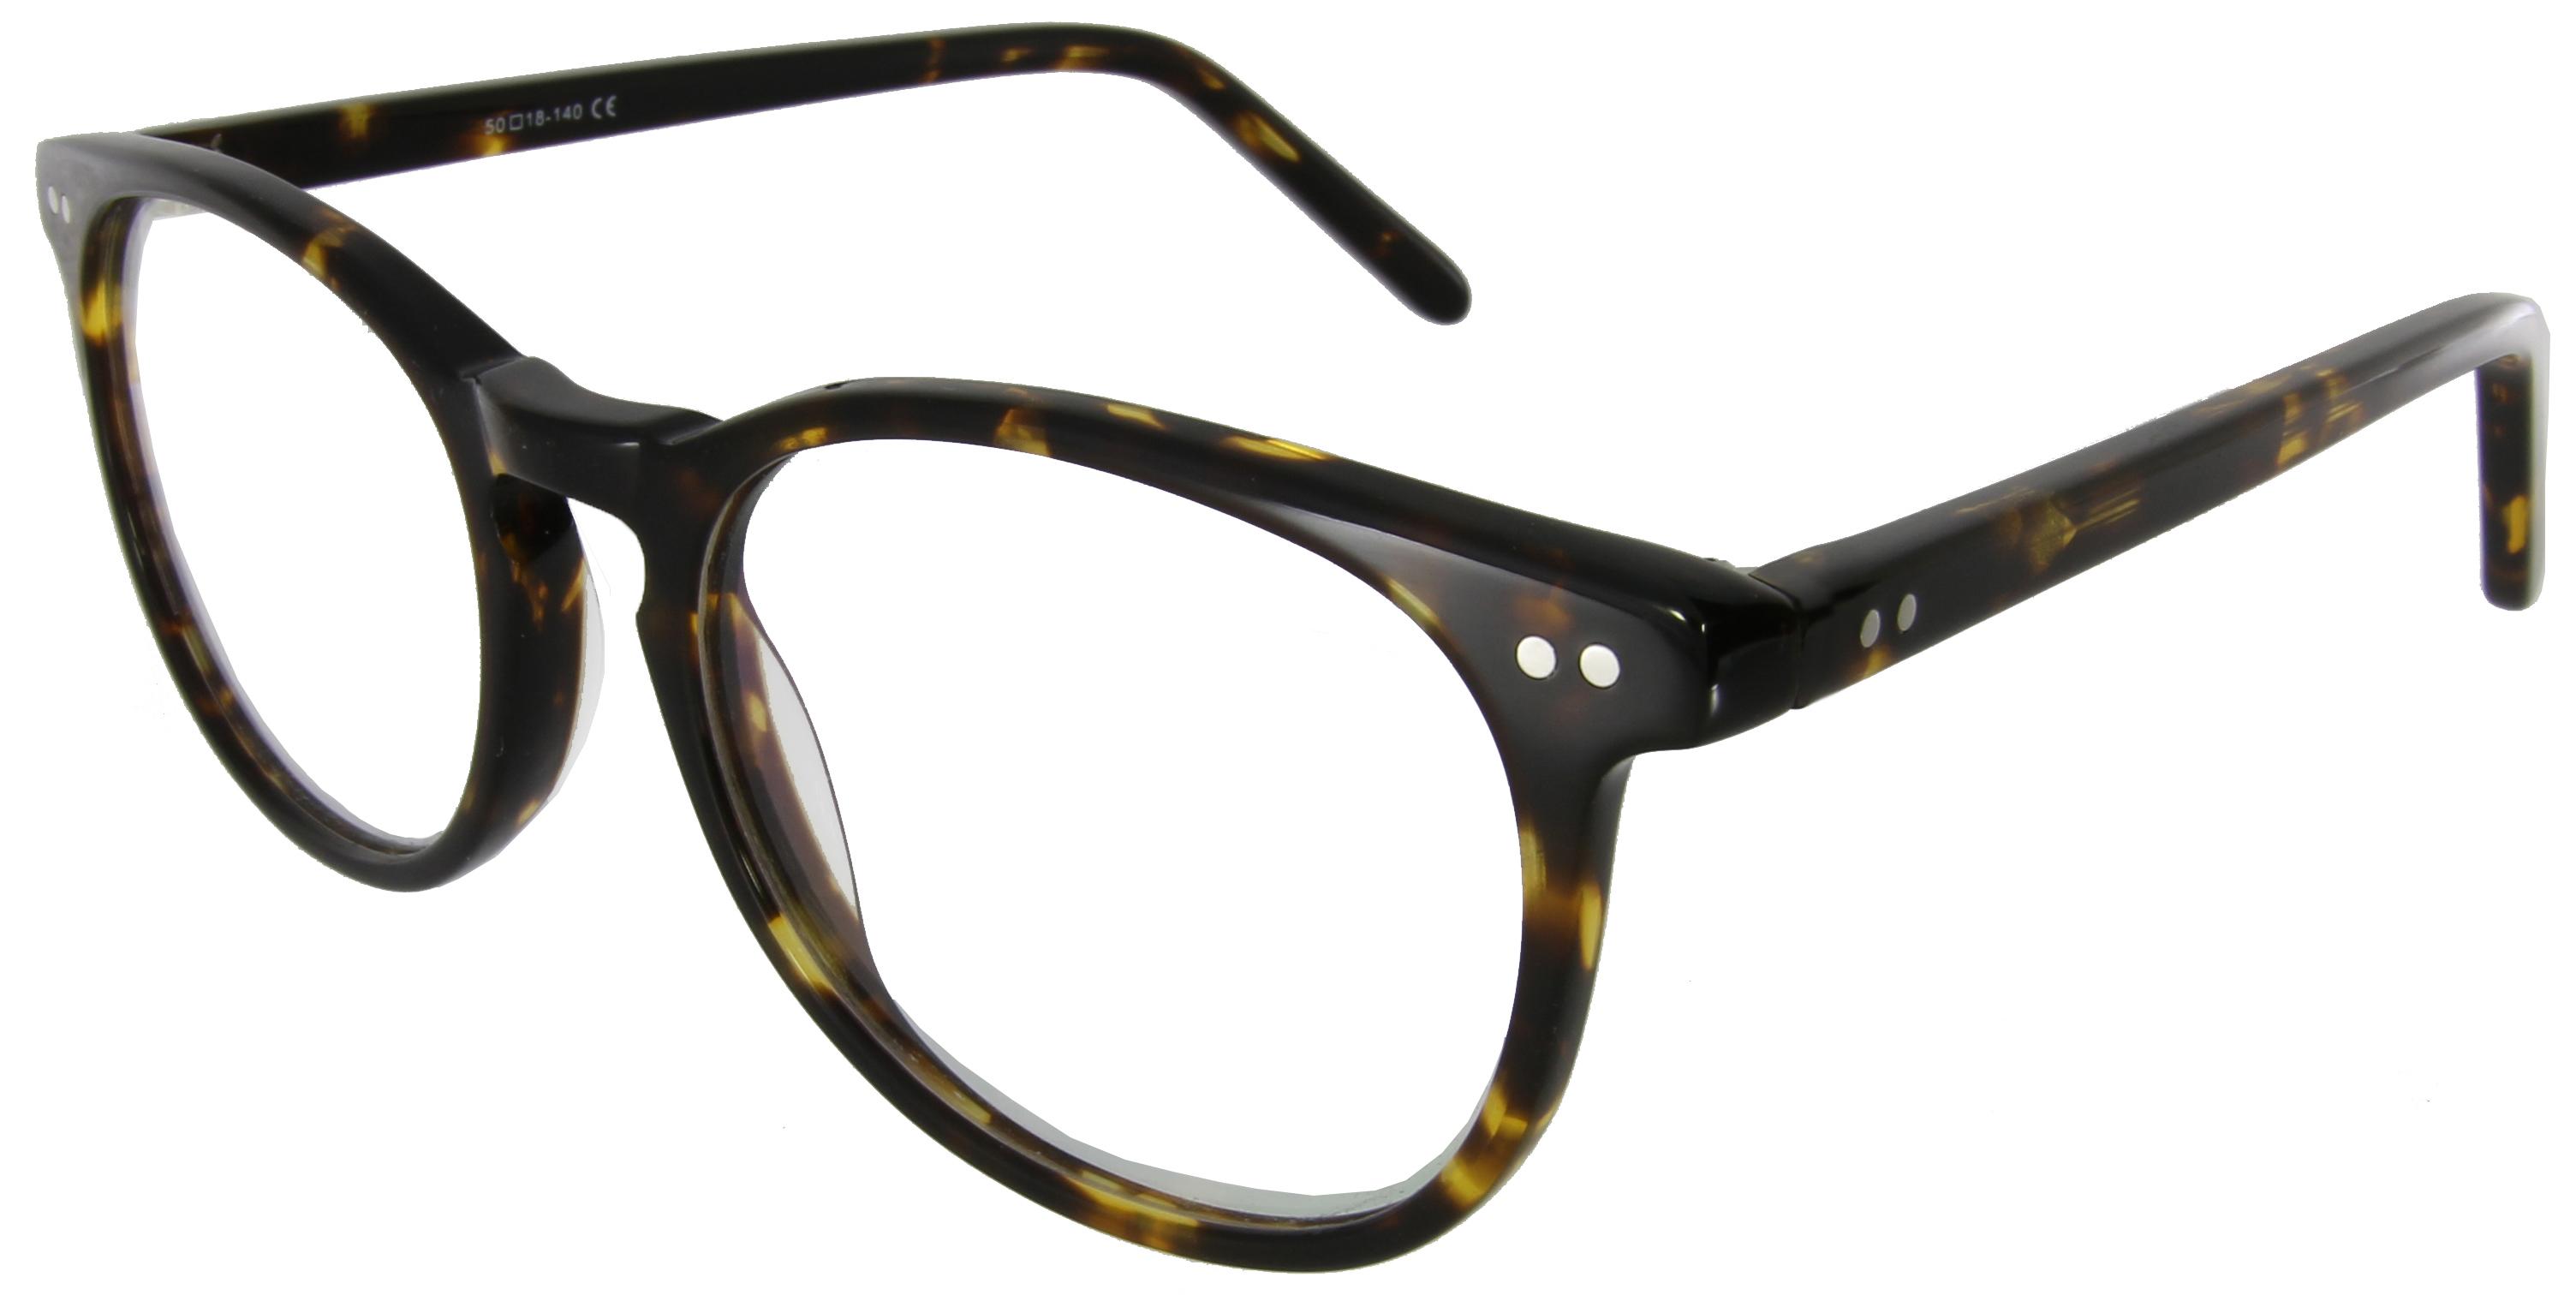 Brillen in der Farbe Braun - Braune Brillen